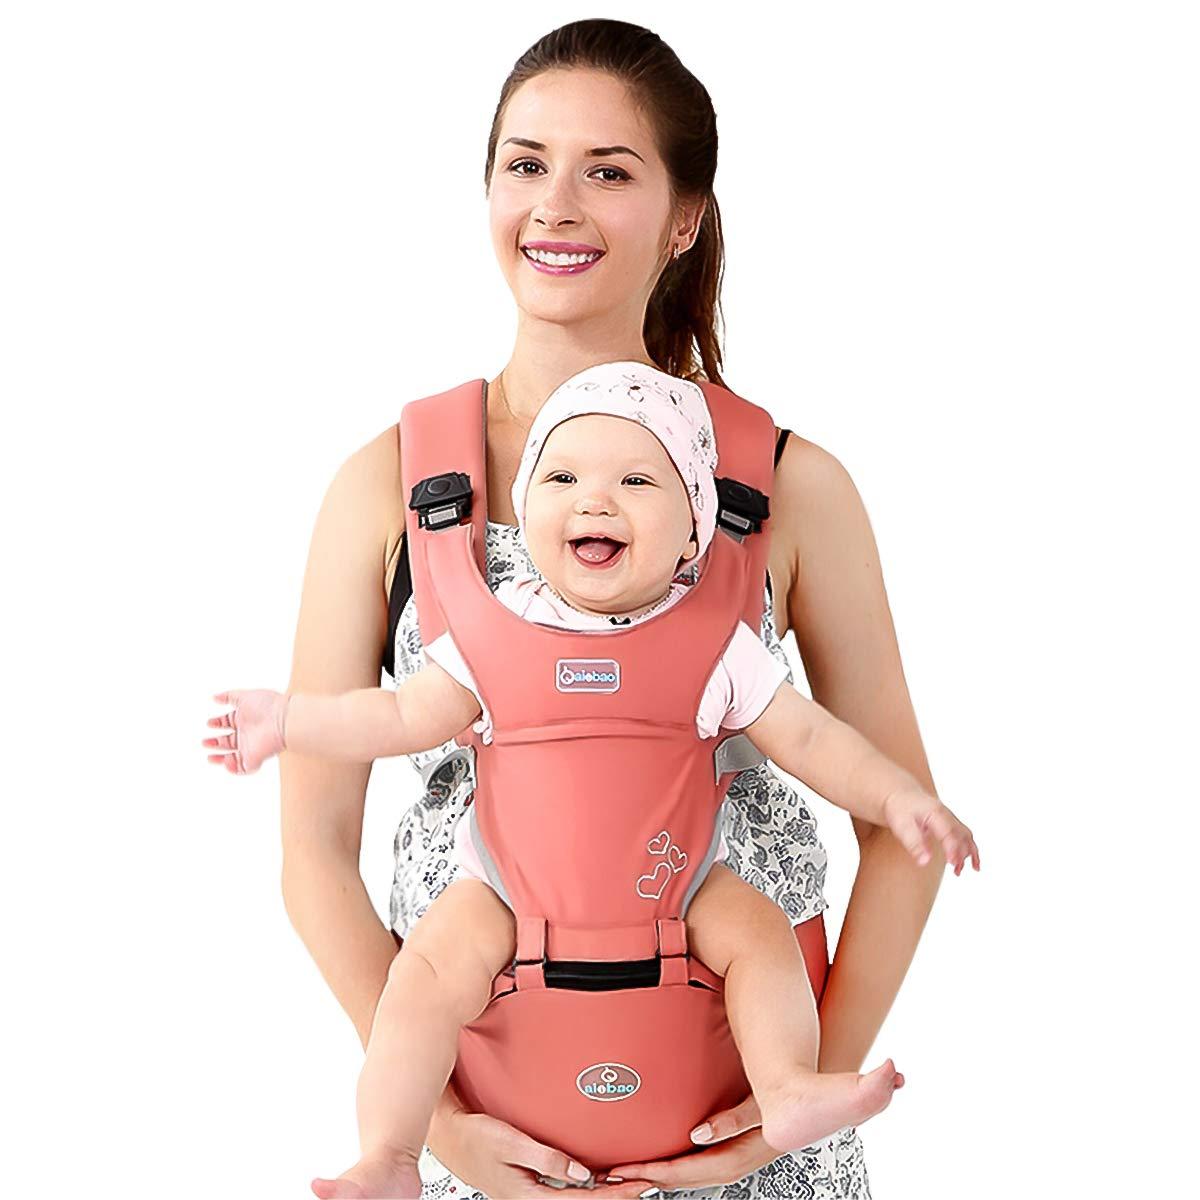 SONARIN Front Premium Hipseat Porte-b/éb/é Baby Carrier,Multifonctionnel 6 positions de transport Boucle Rotative /à Papillon Ergonomique,100/% Coton Rose S/ûr et Confortable,cadeau id/éal